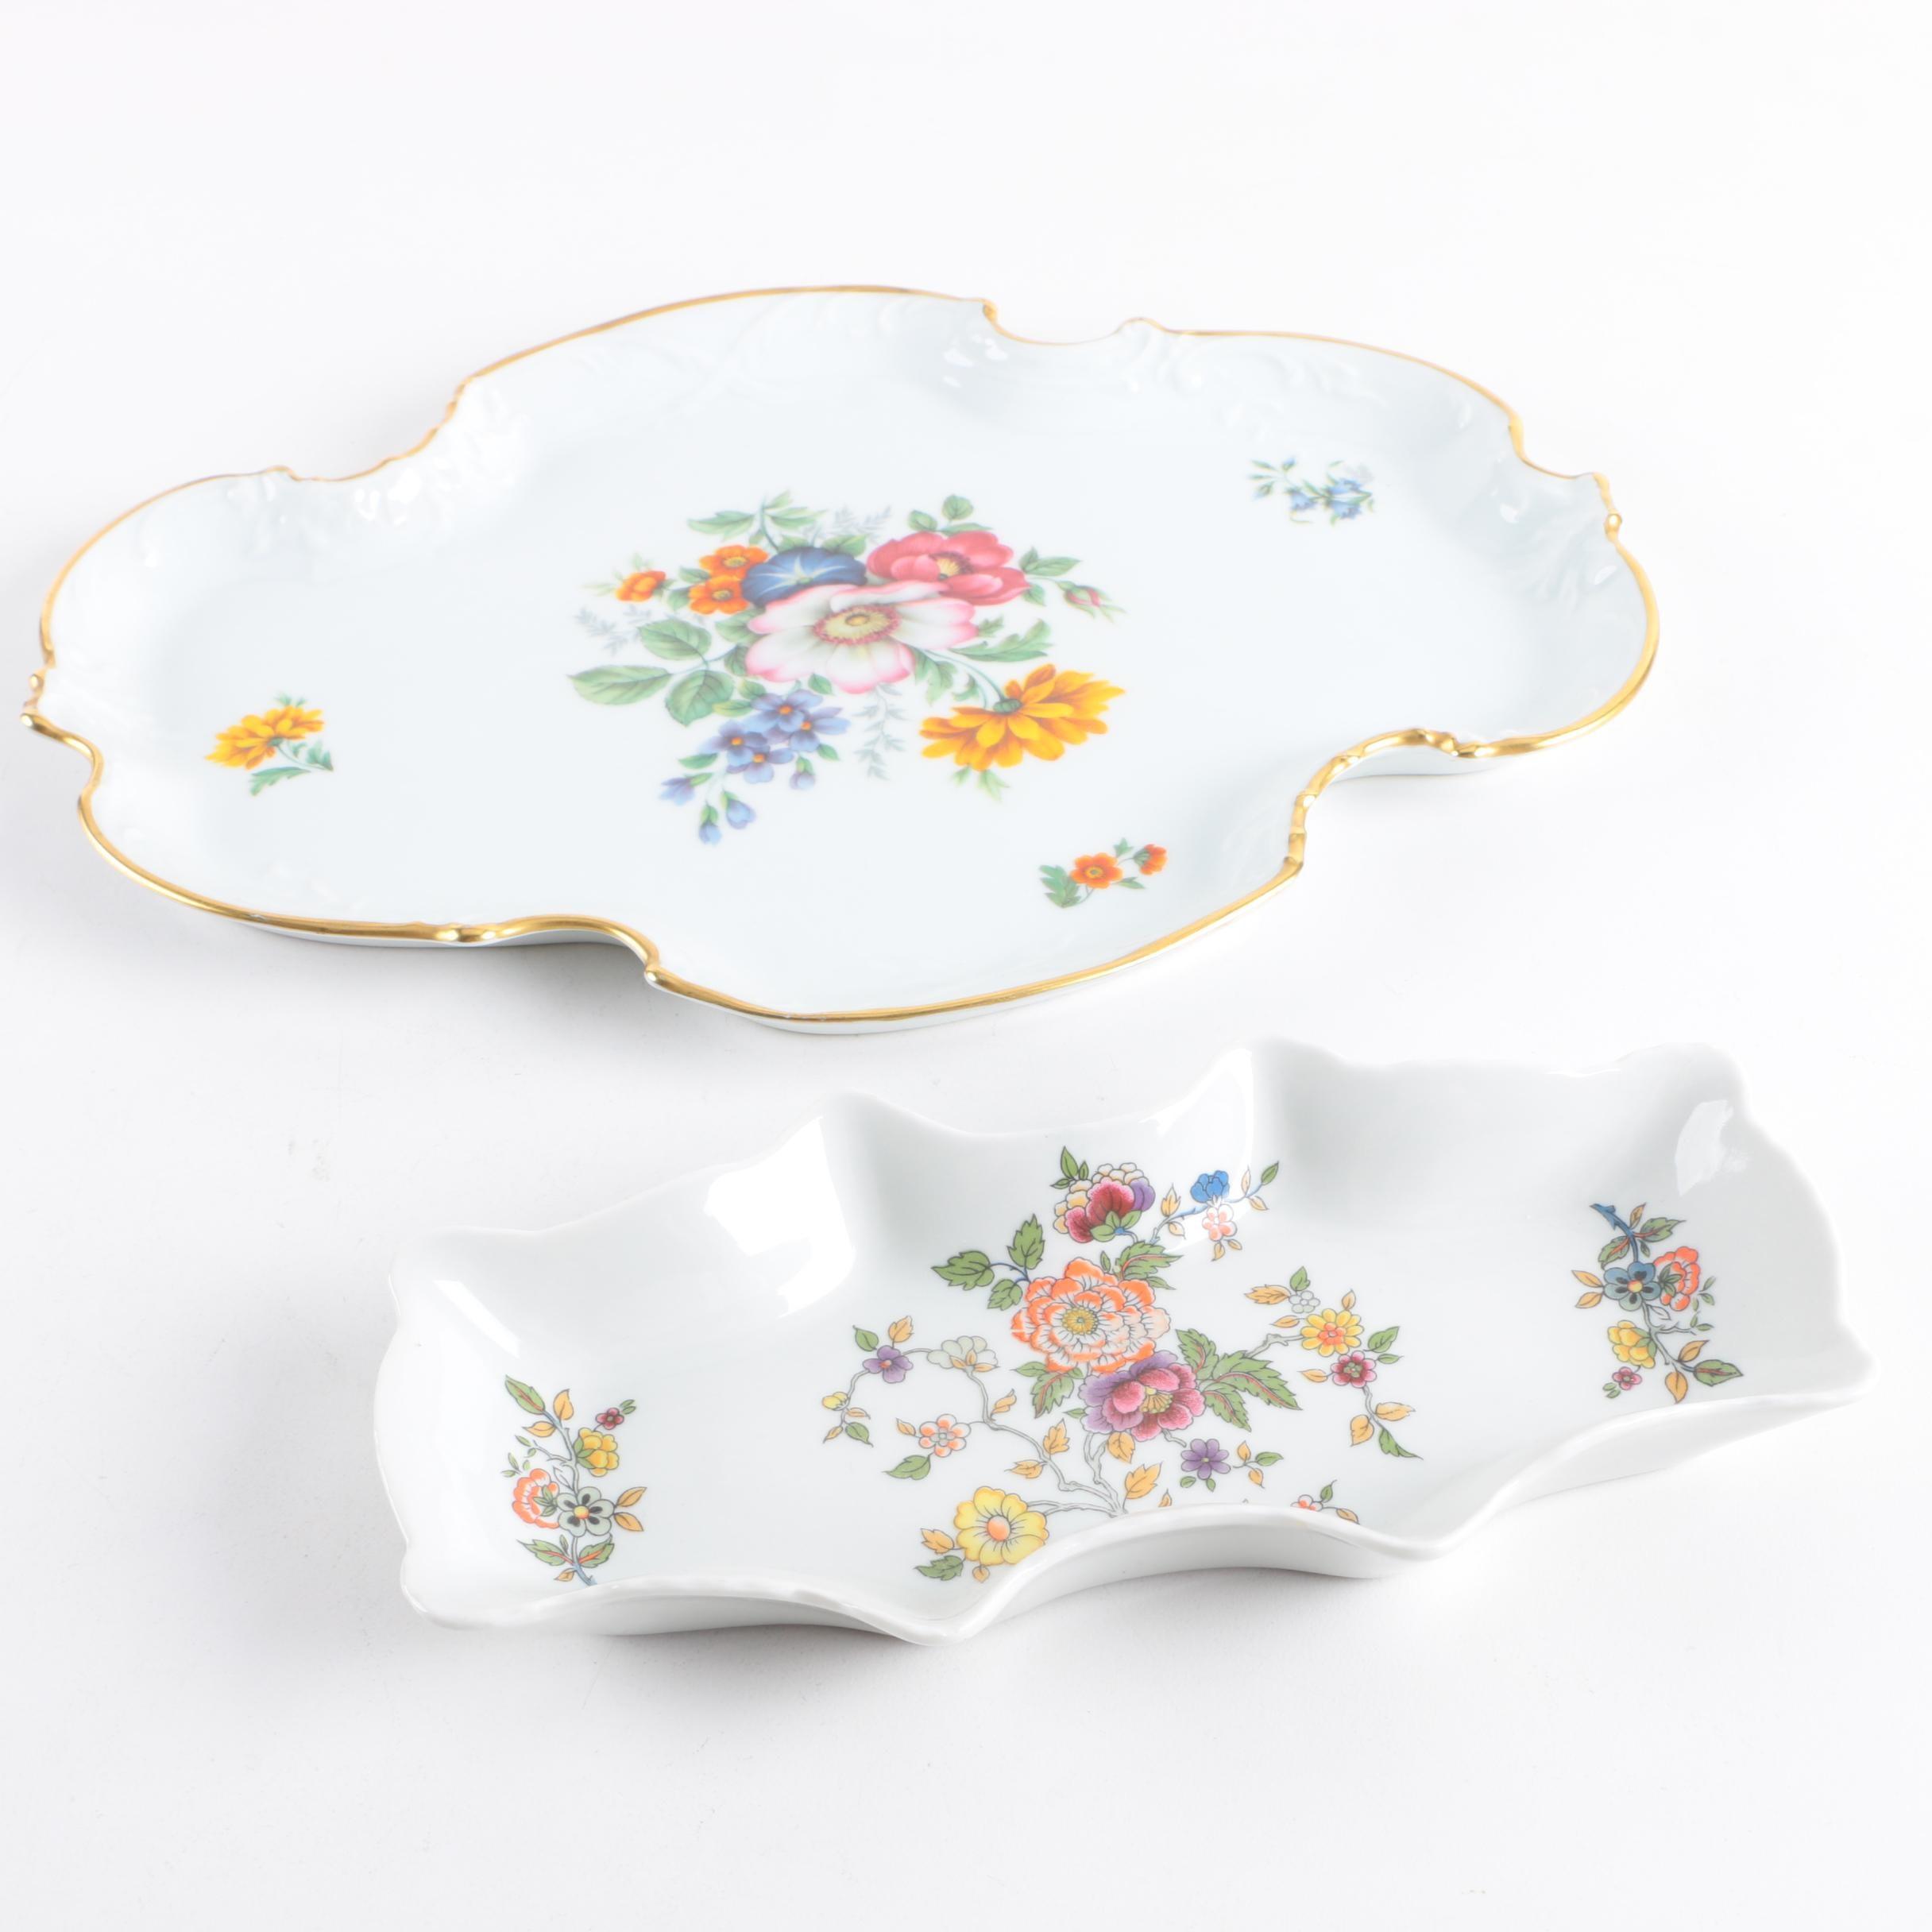 Vintage Limoges Porcelain Serveware